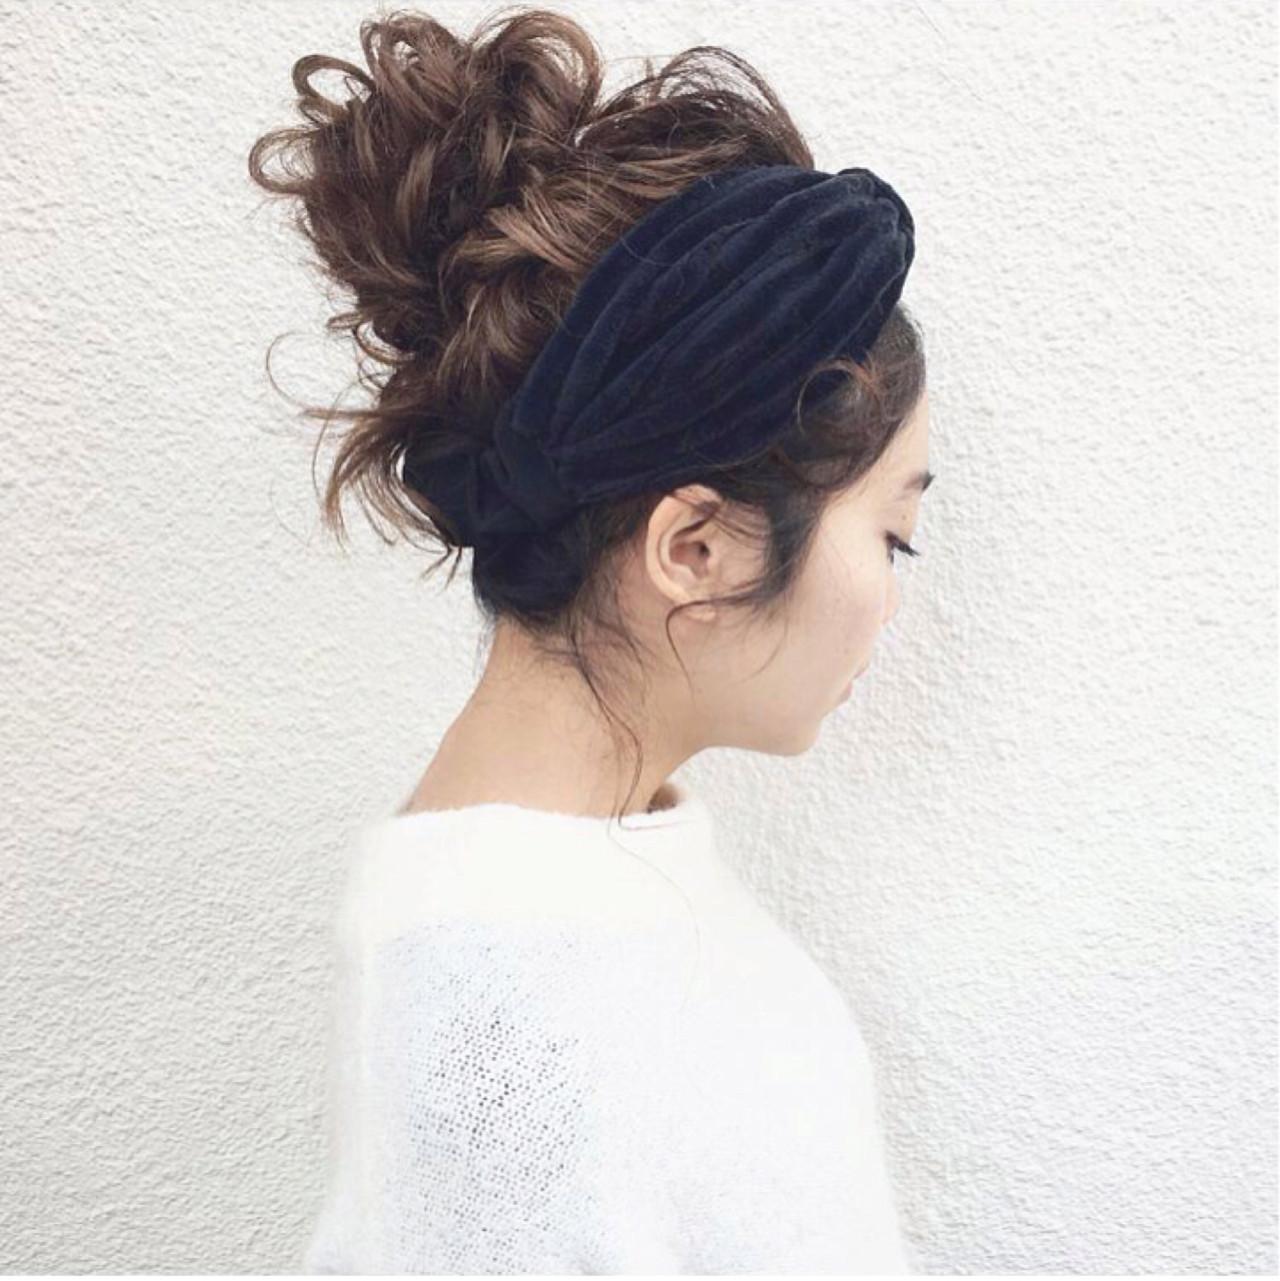 大人かわいい ガーリー ナチュラル 結婚式 ヘアスタイルや髪型の写真・画像